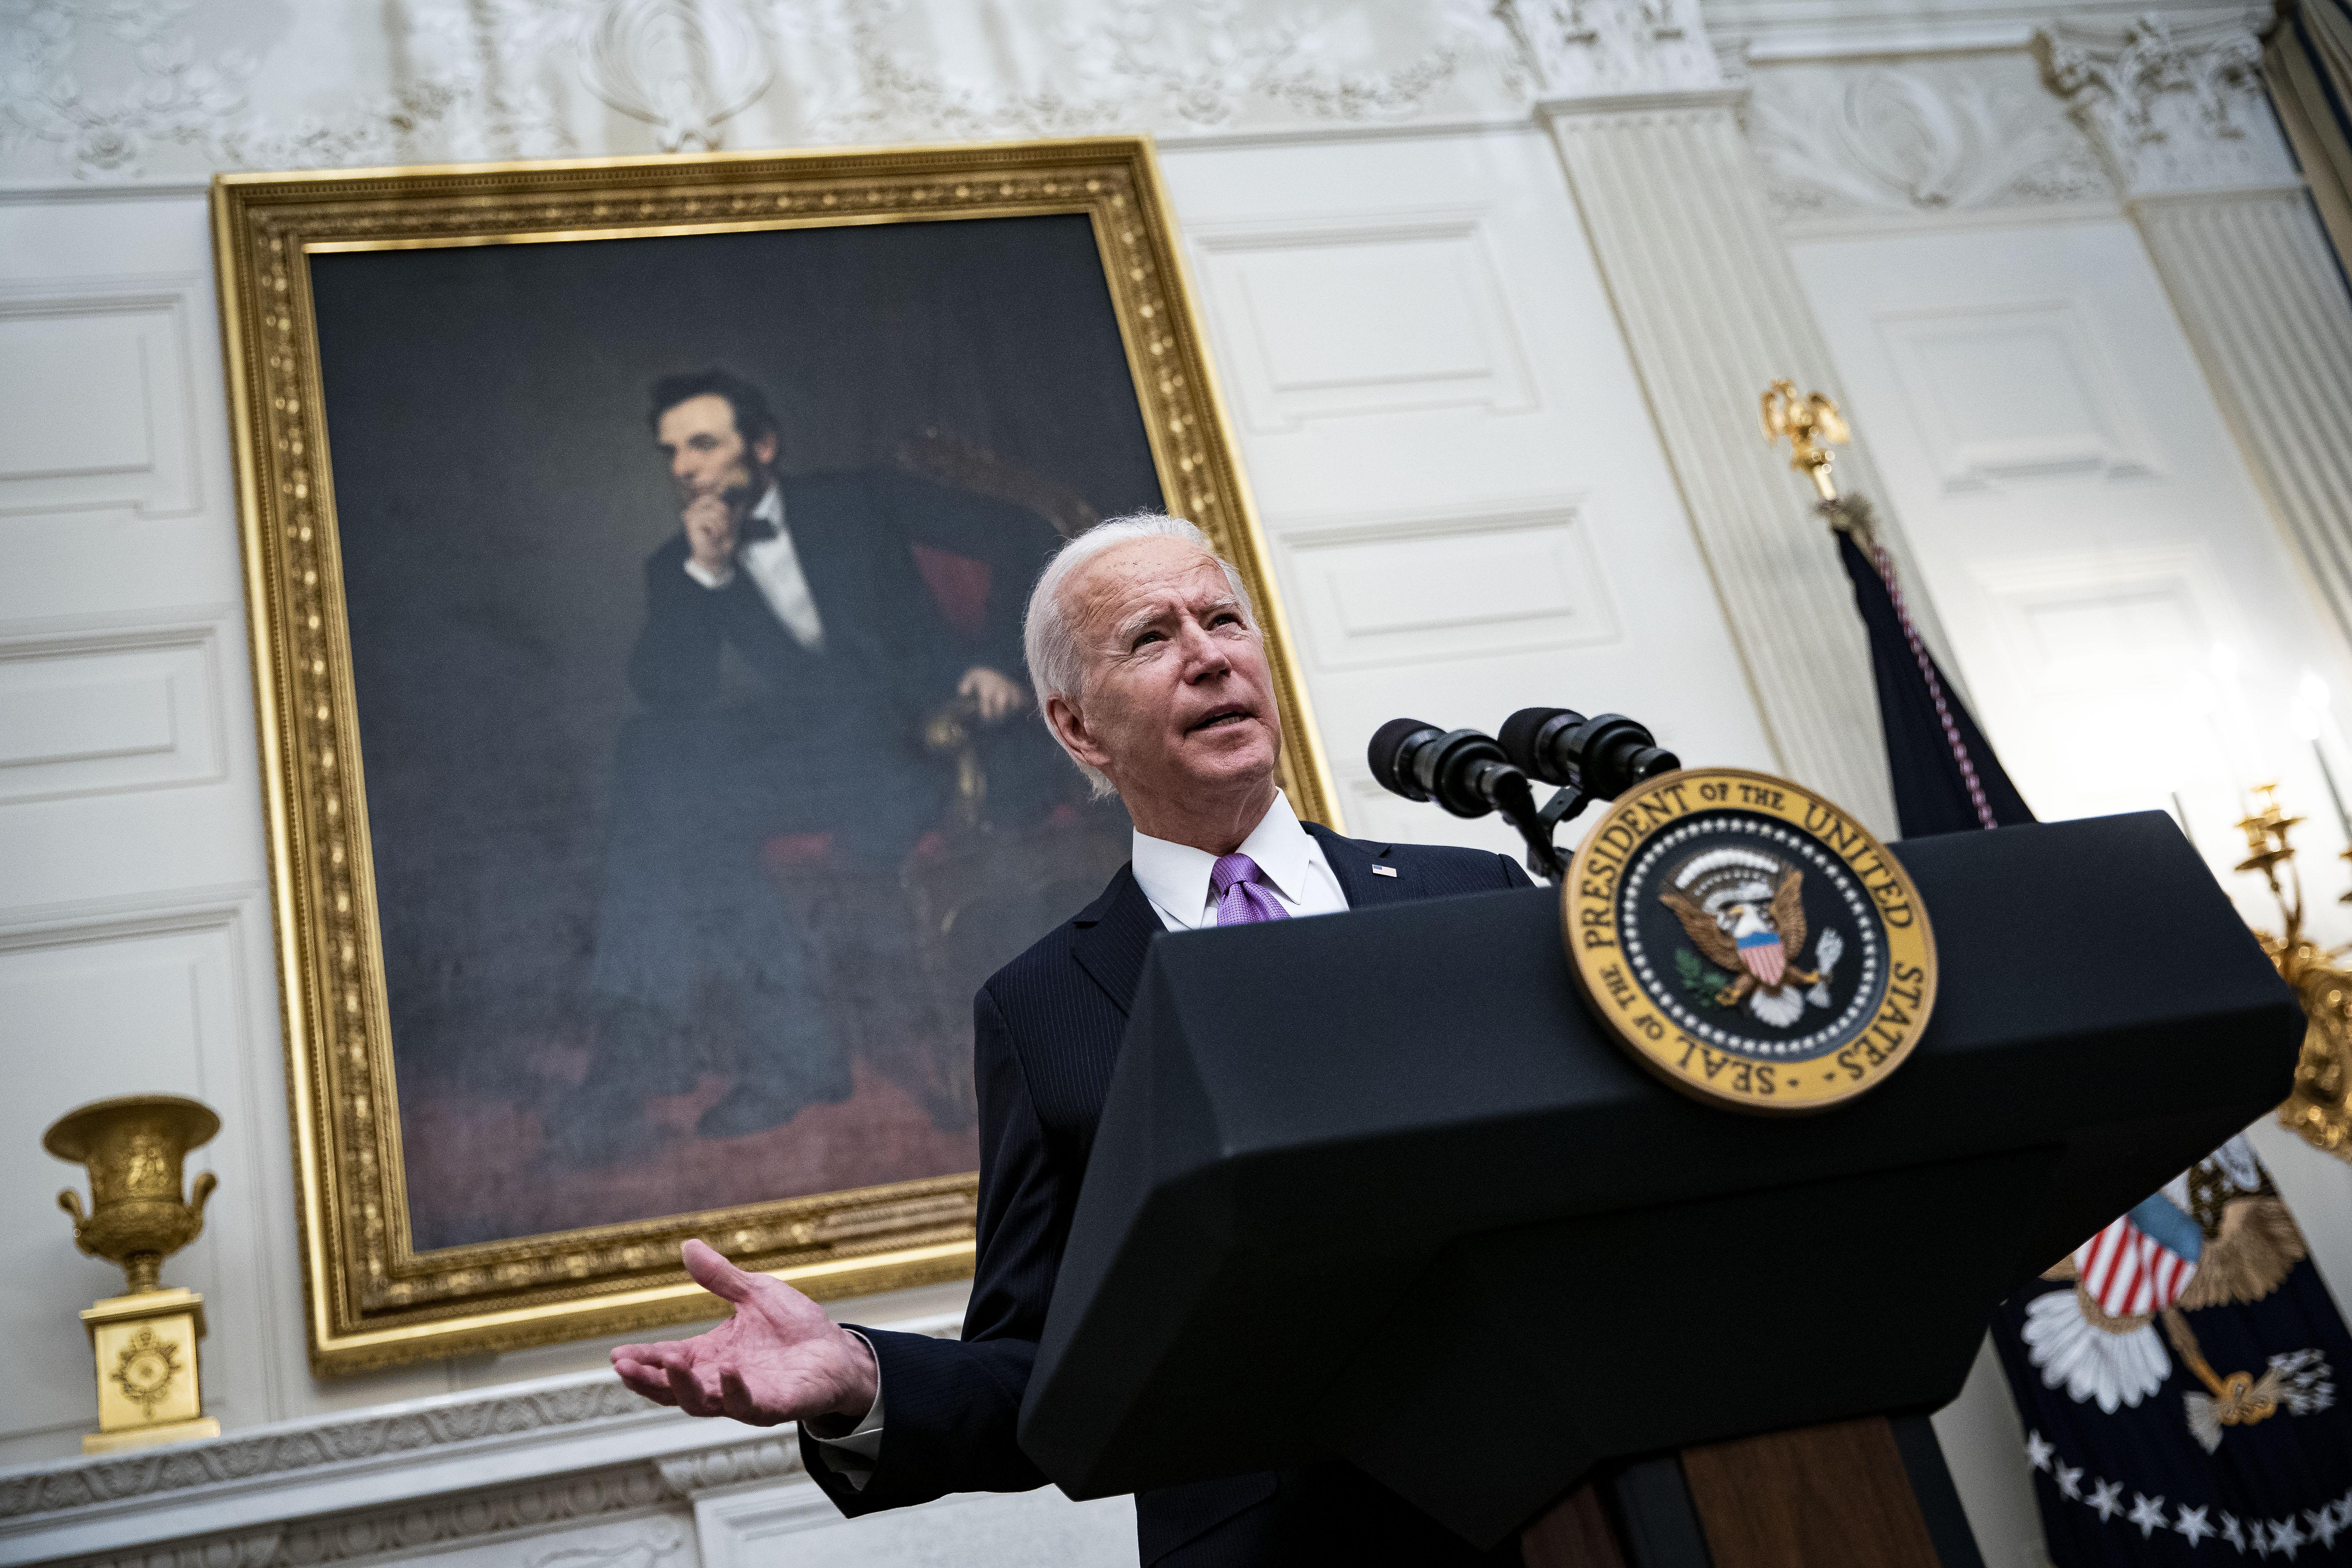 Primeras medidas de Joe Biden como presidente de EEUU tras la toma de posesión, en vivo